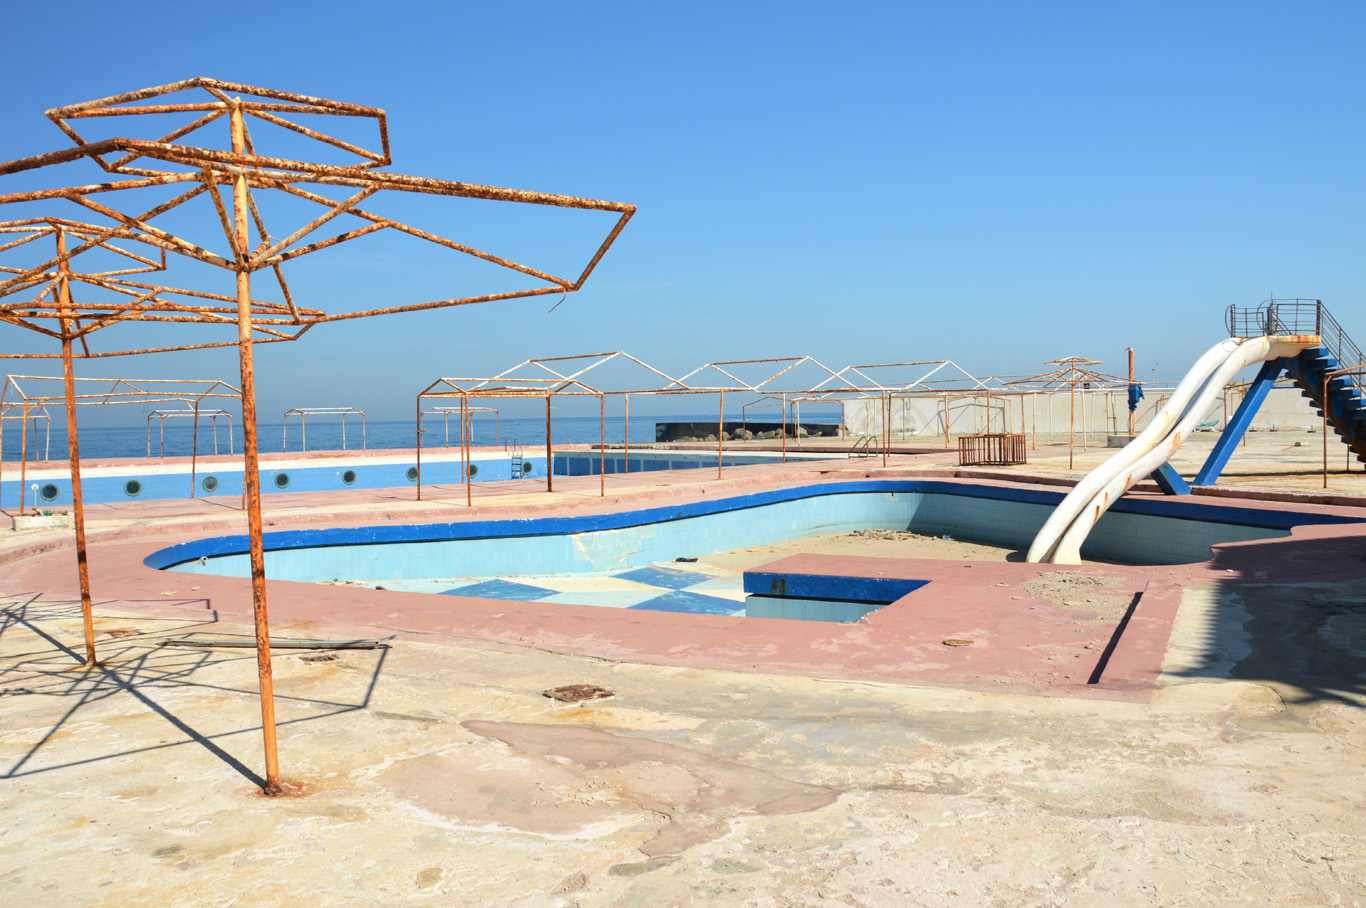 Abandoned swimming pool area near the coast